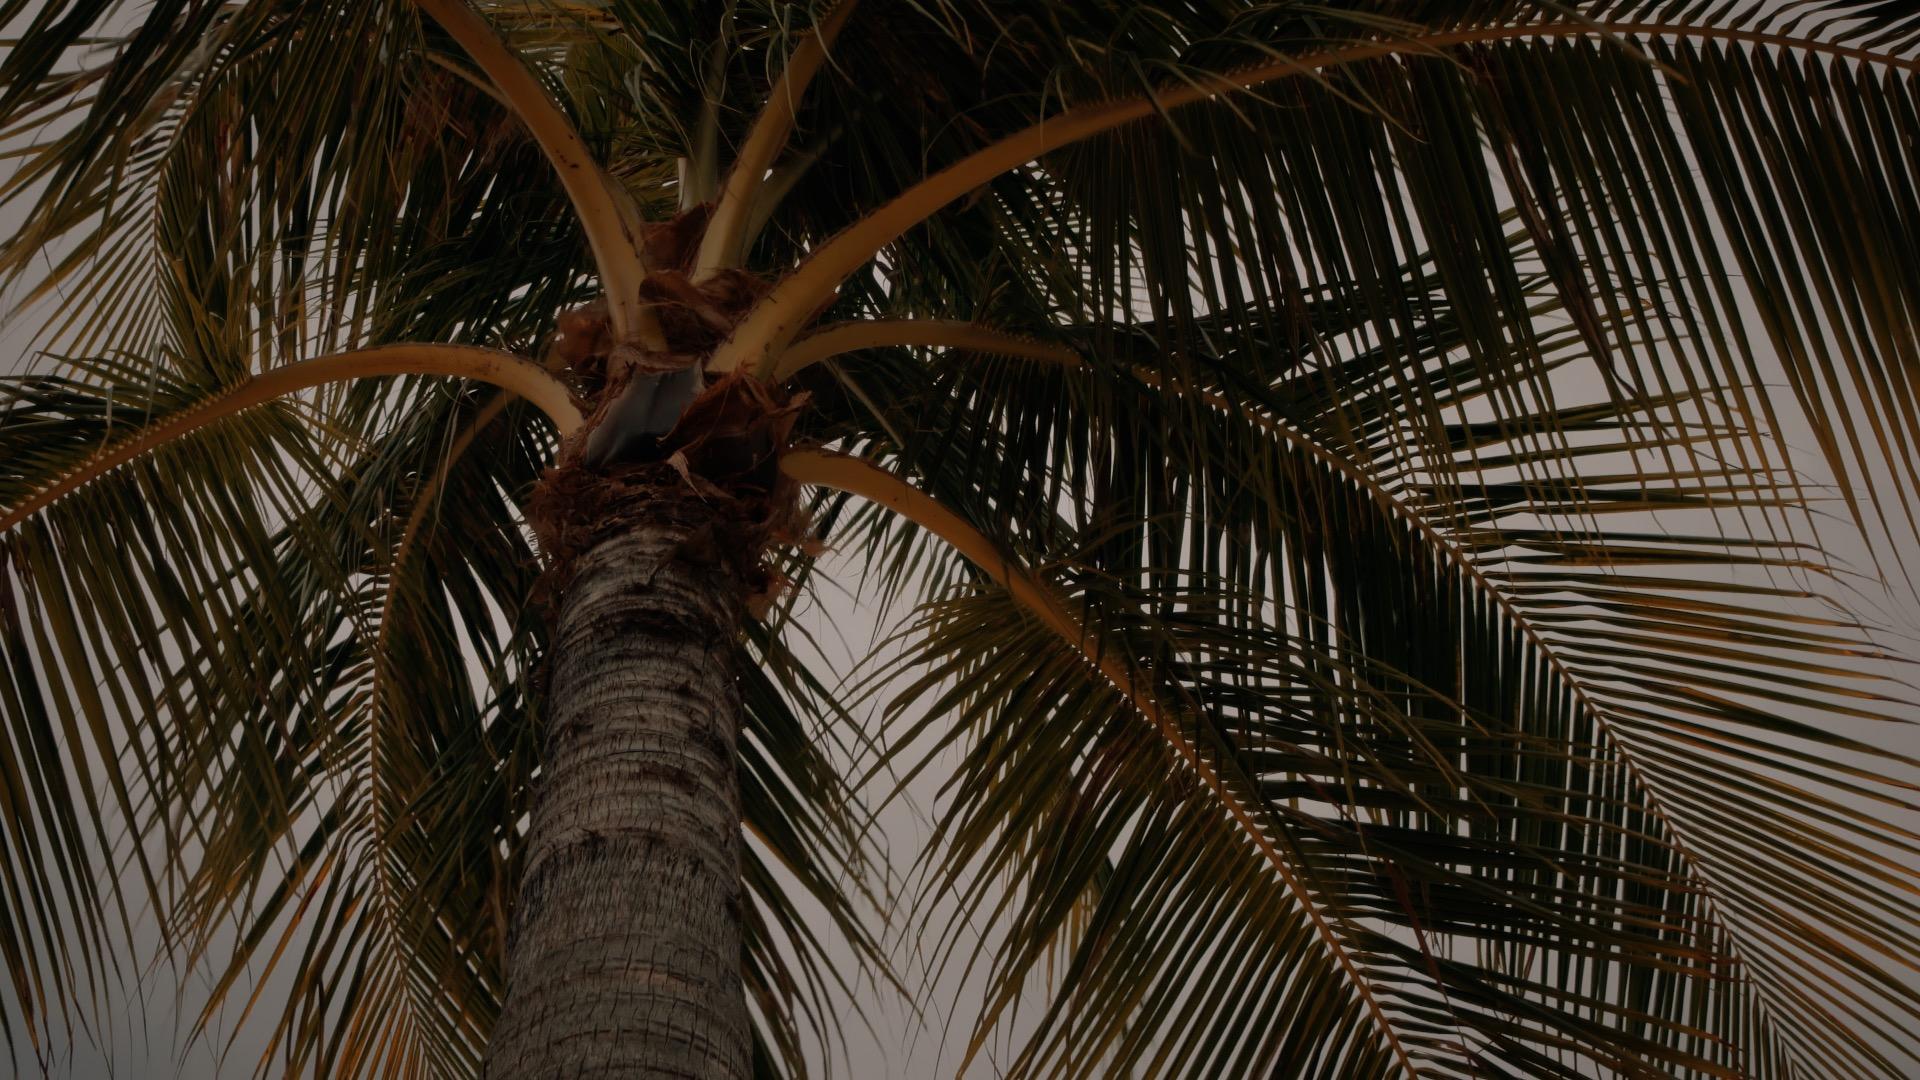 VMC-Palms-15-HD STILL-0.jpg